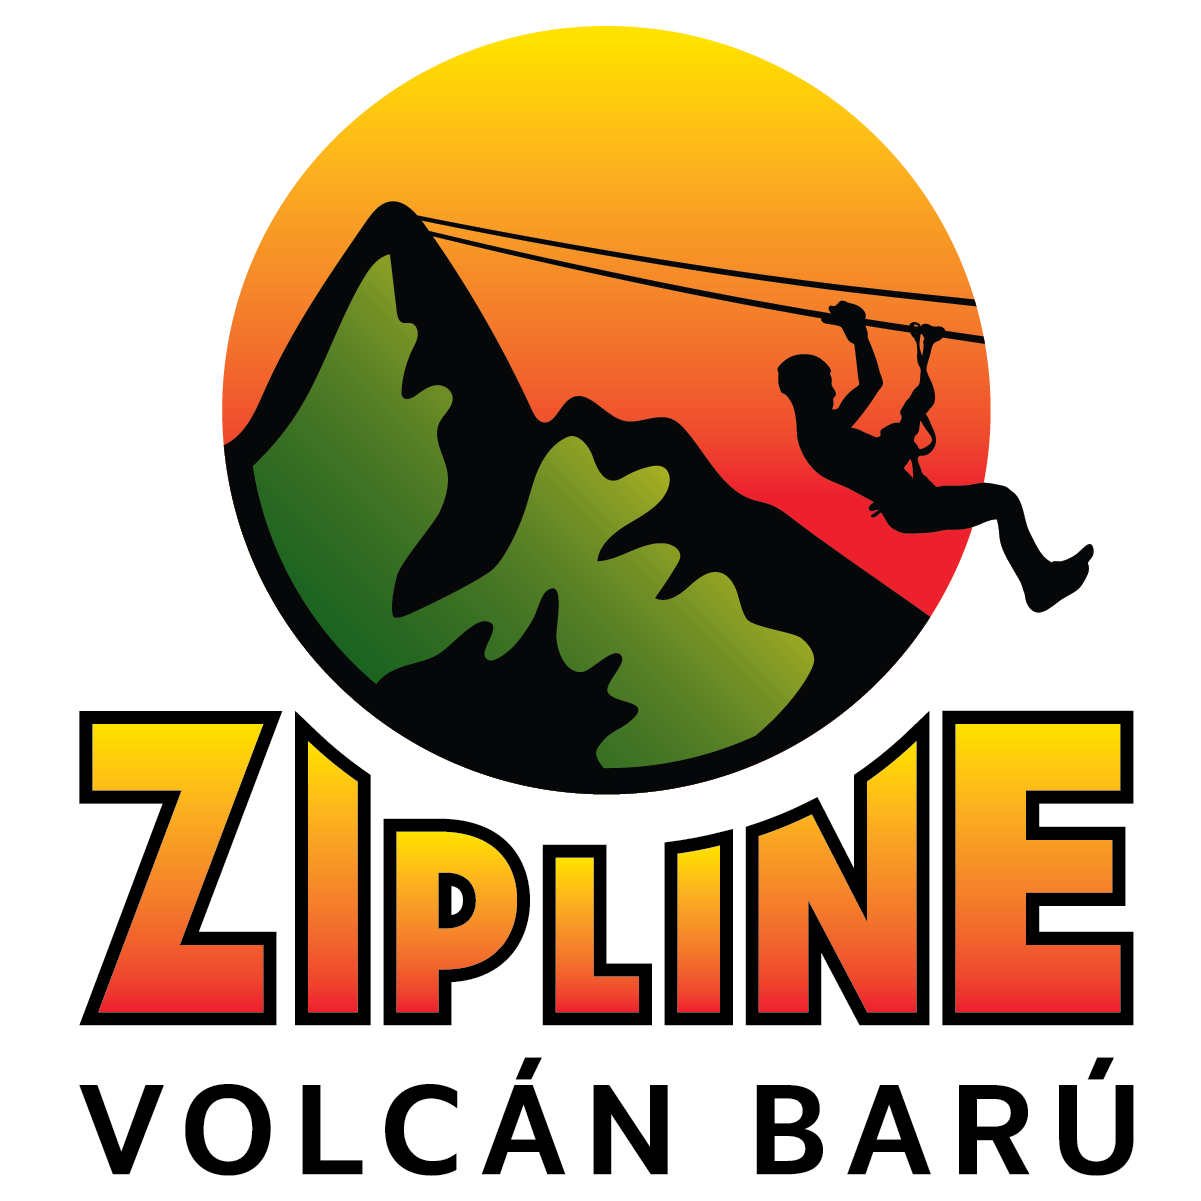 Logotipo de la tirolesa